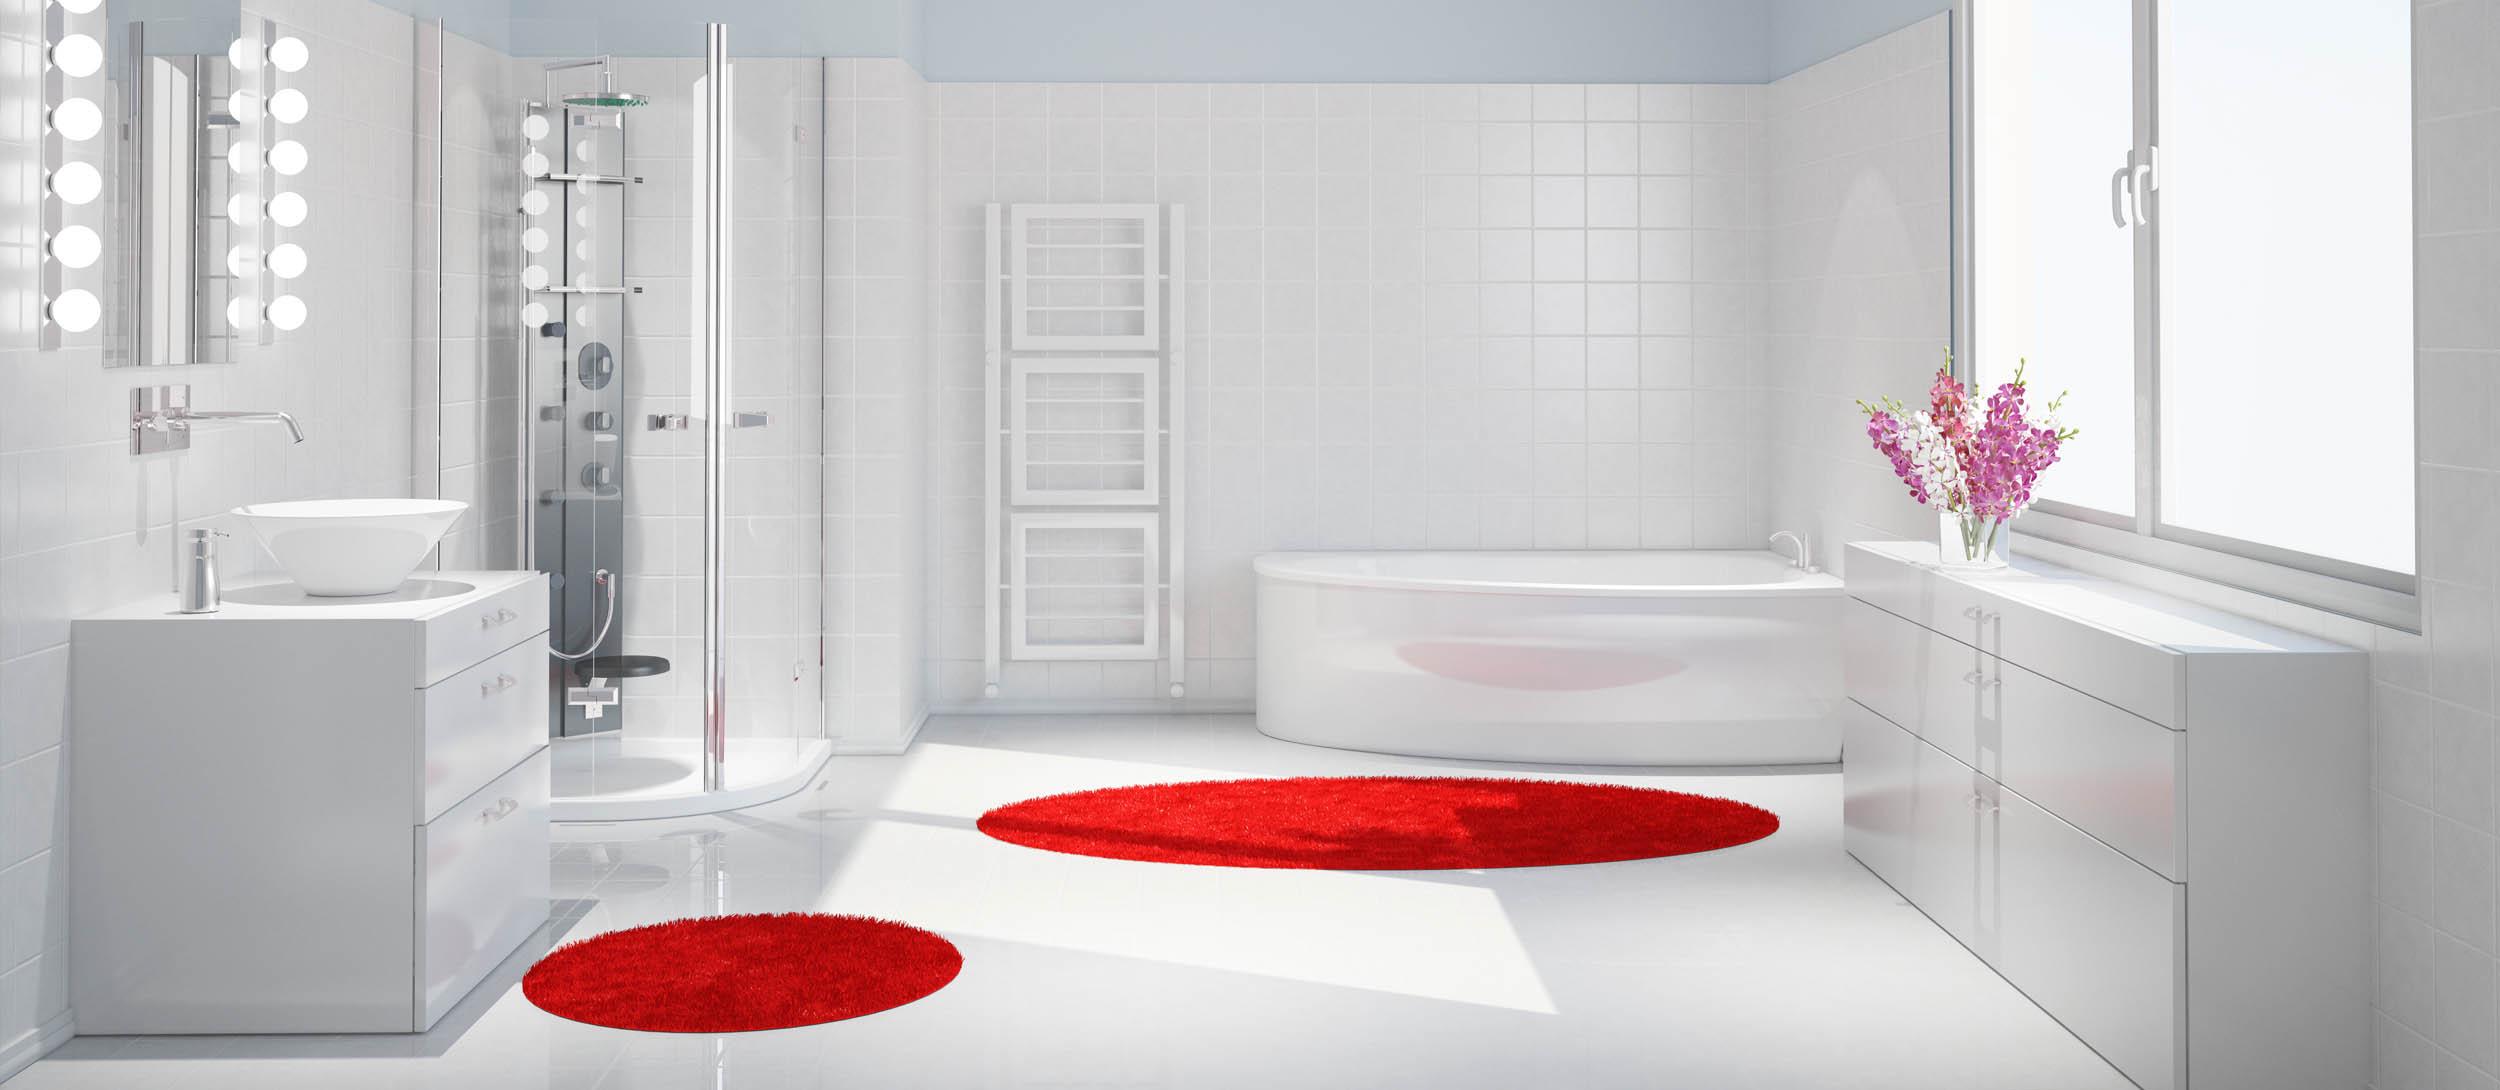 Arredamento e accessori bagno A Collegno Torino